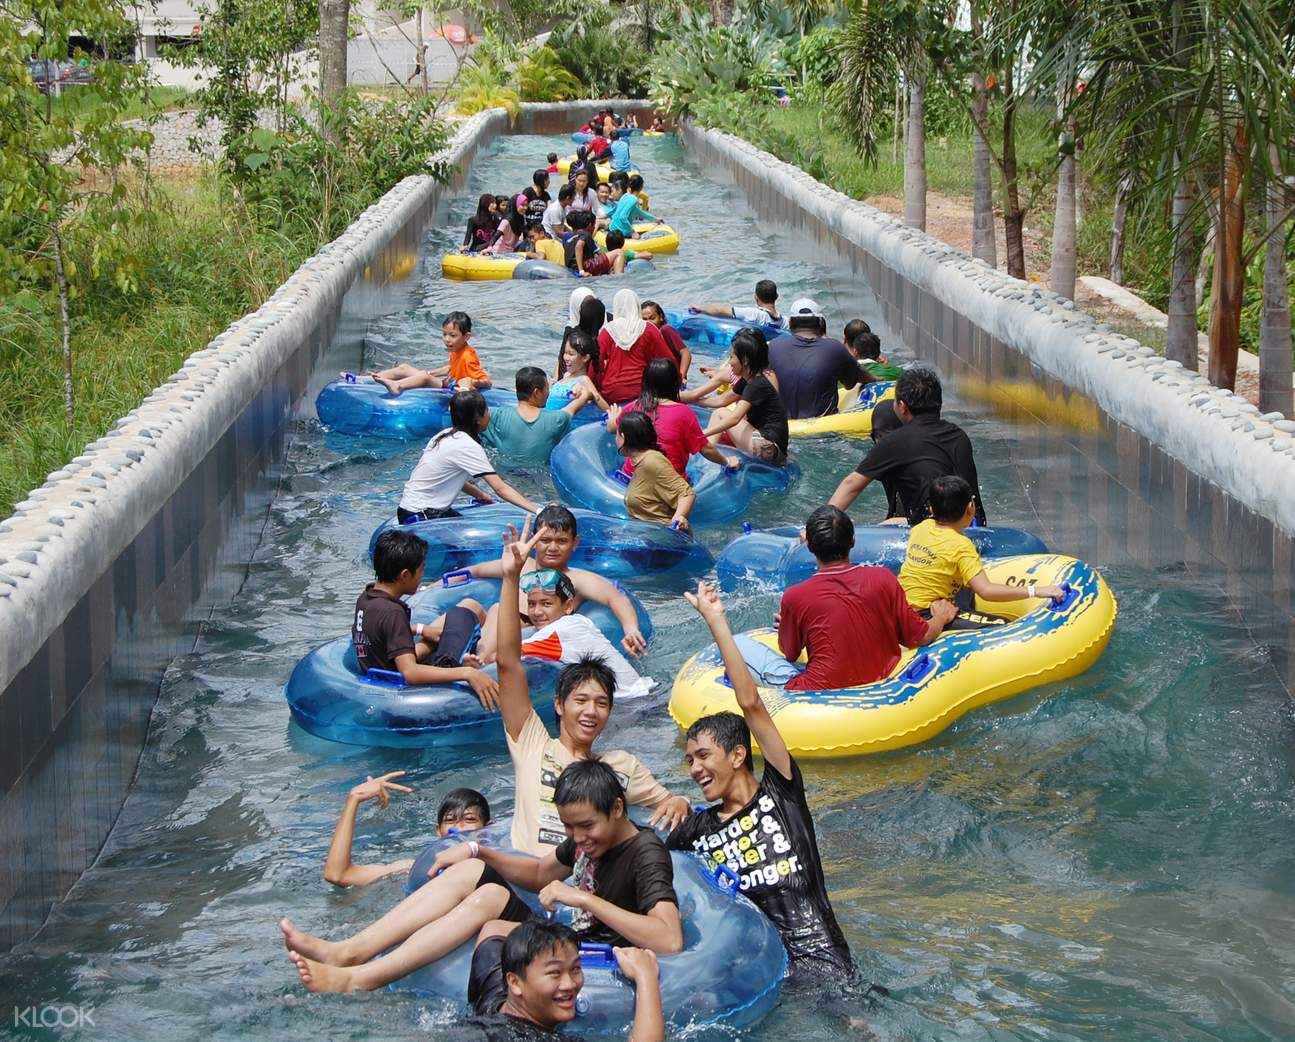 Water Park in Kuala Lumpur